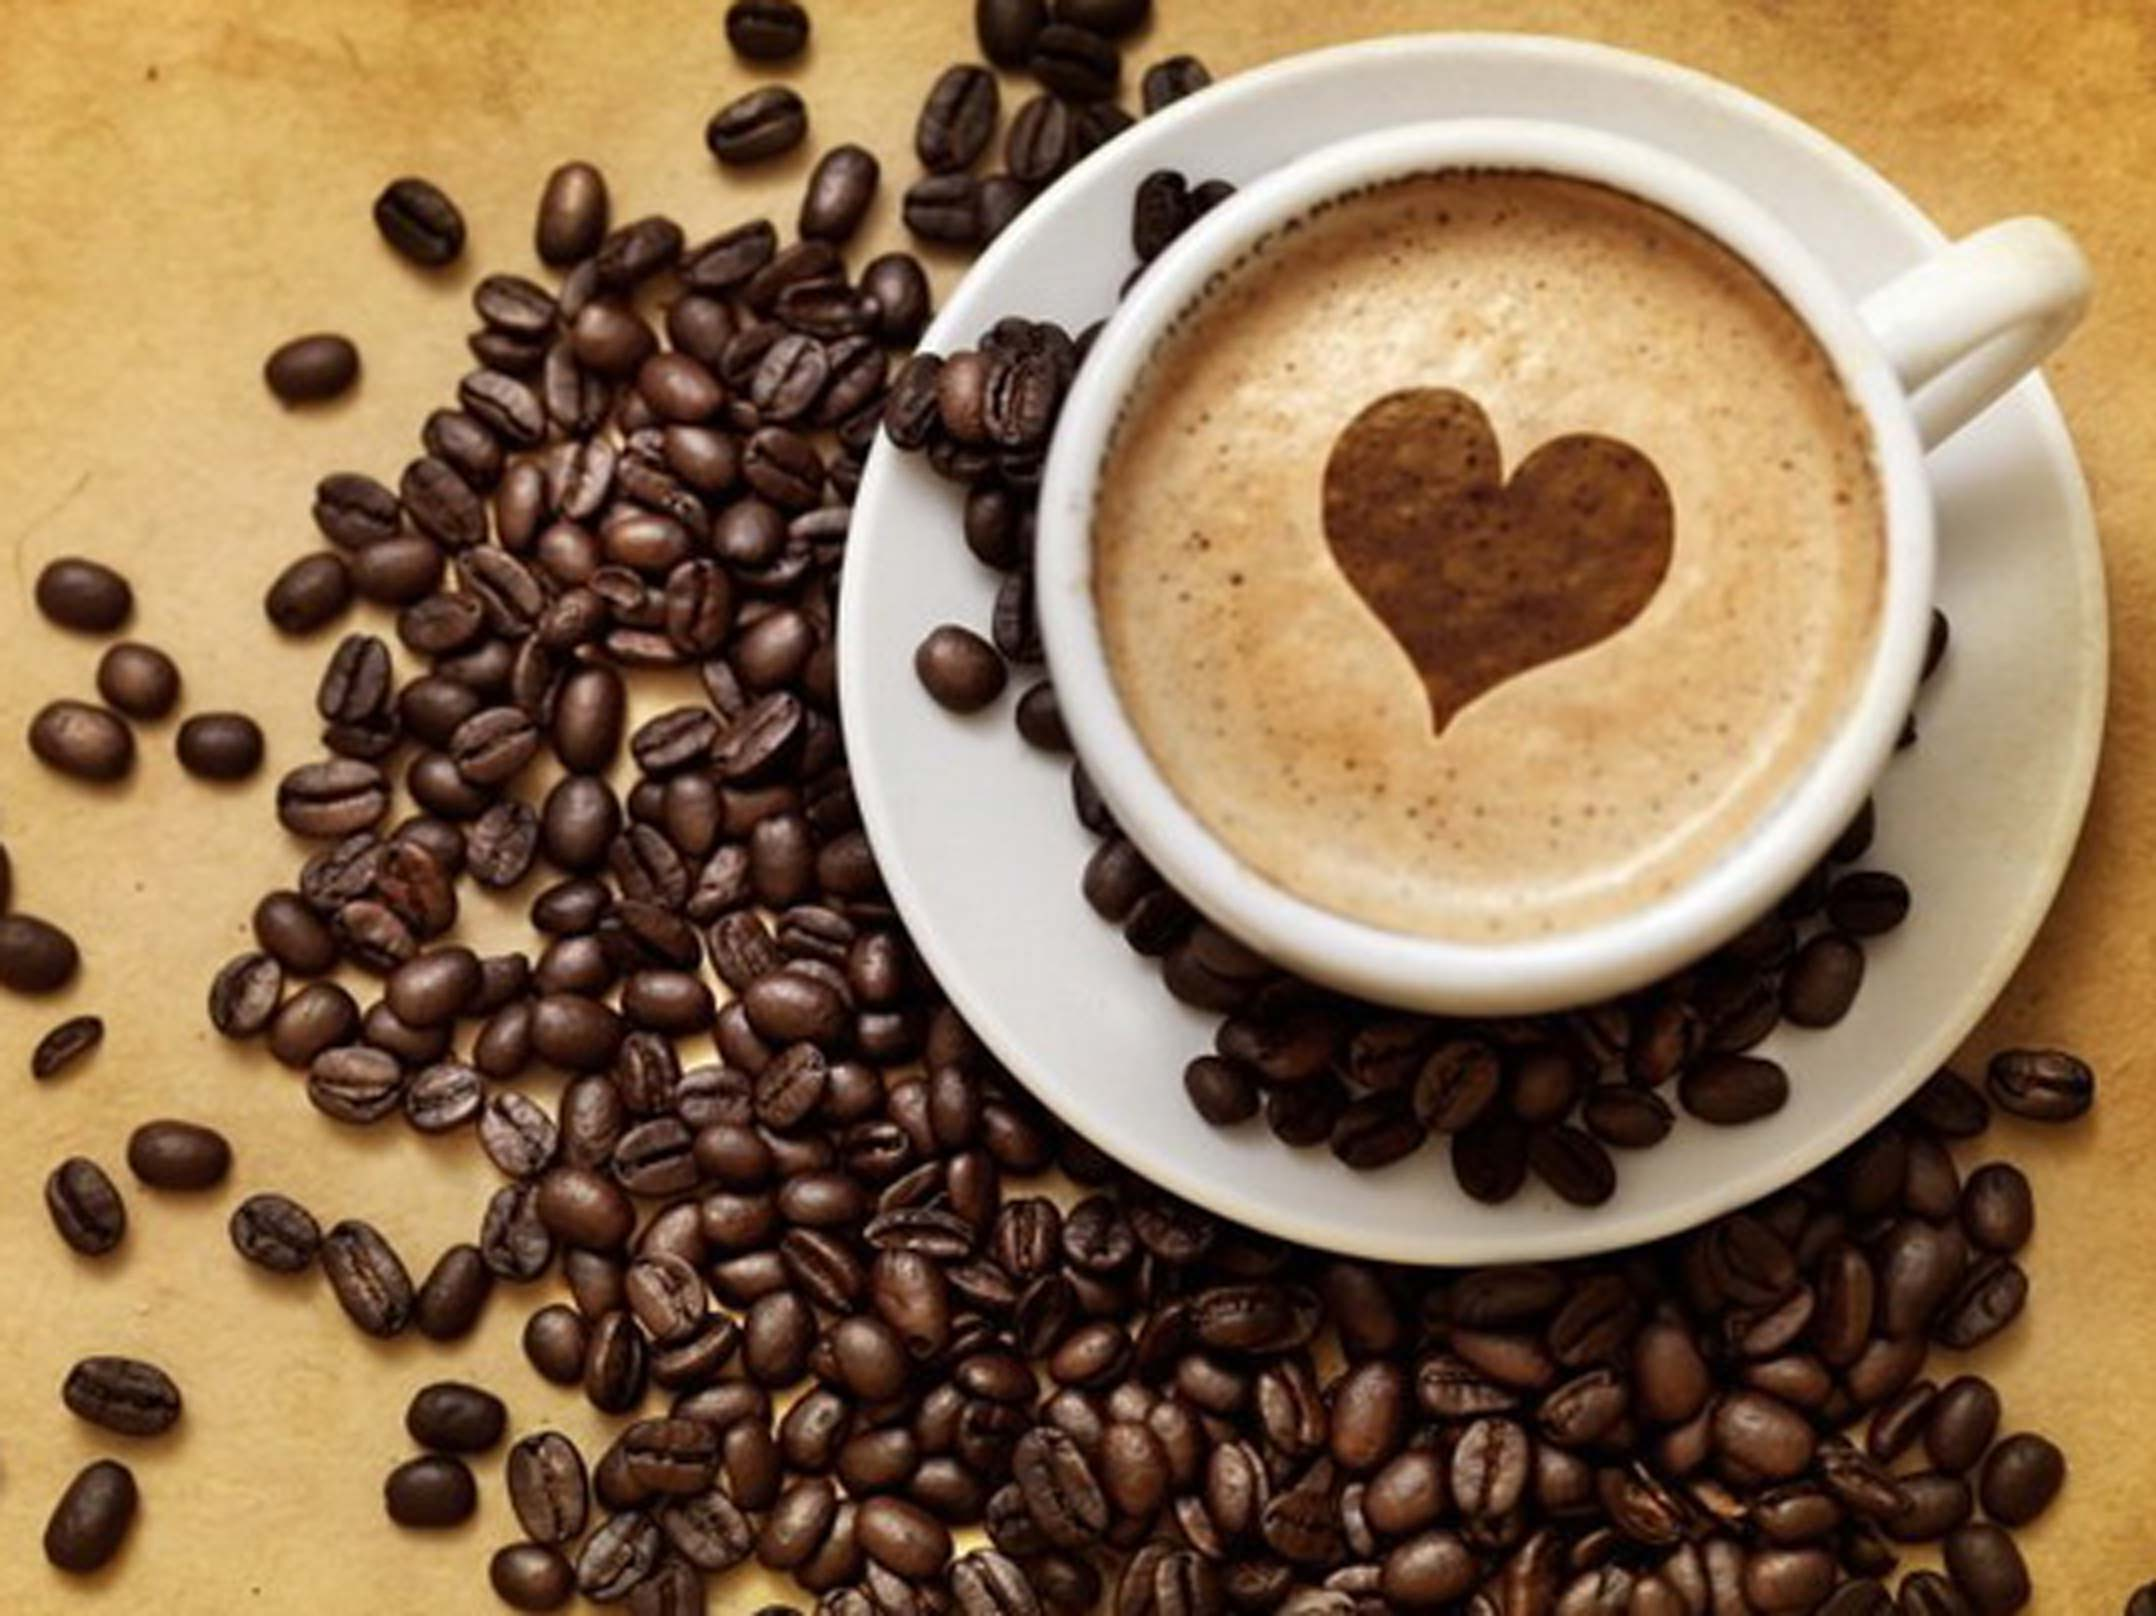 ассортимент моделей, фото с чашкой кофе ЛНР задержан